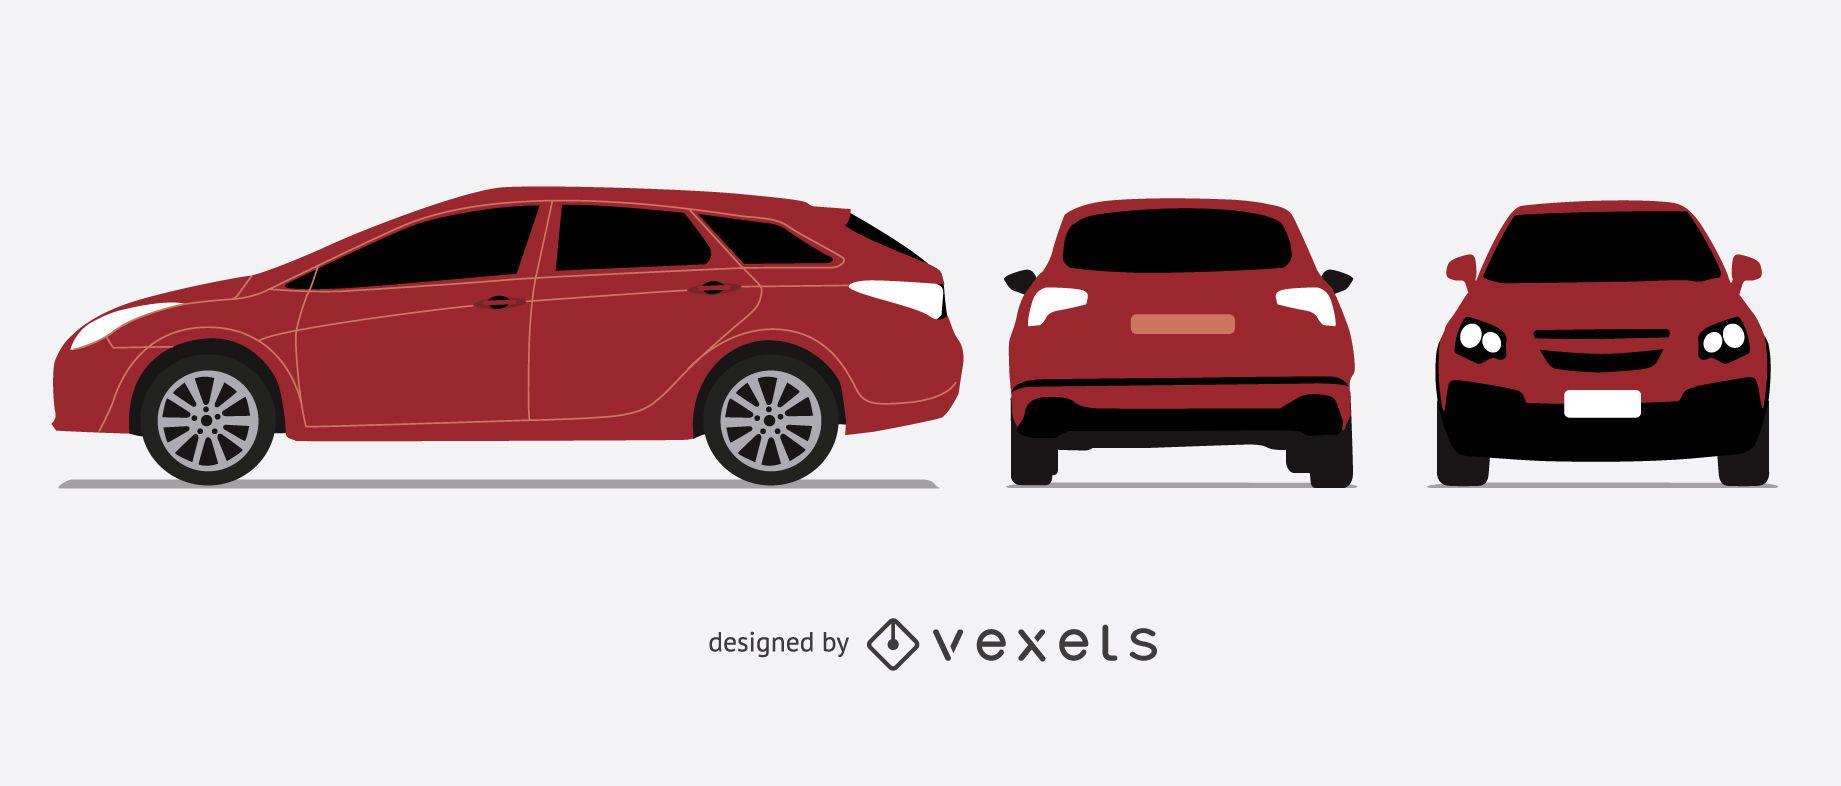 Conjunto de ilustración de coche hatchback rojo